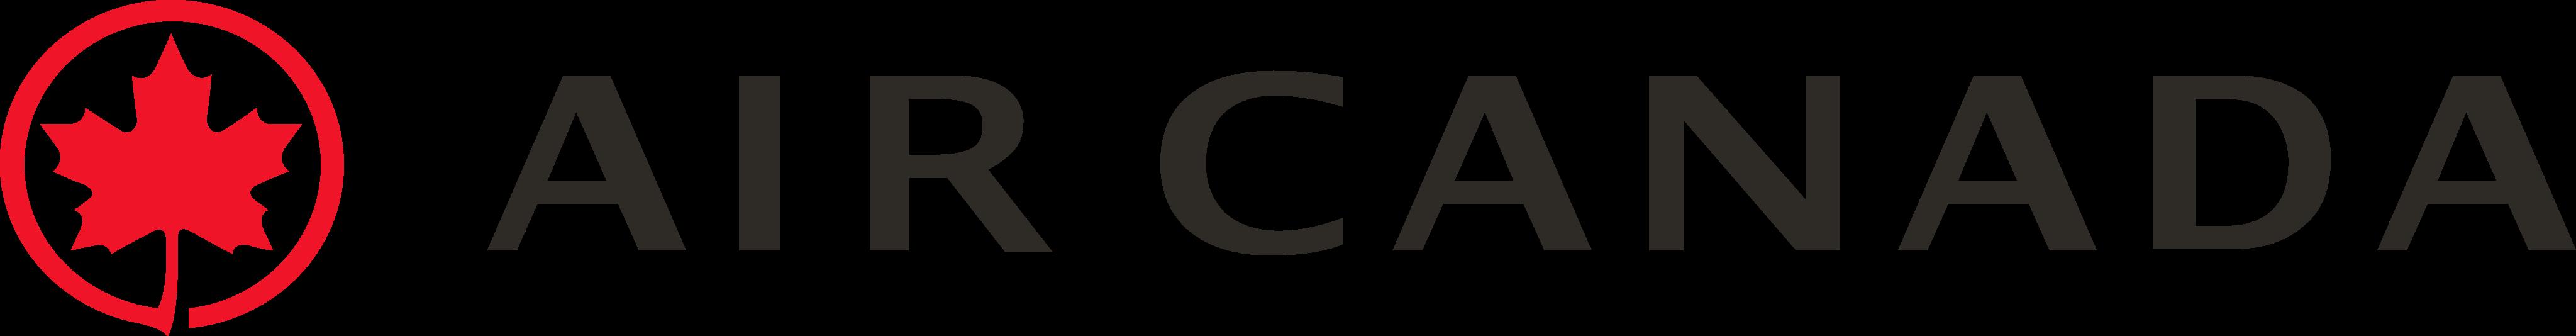 Air Canada Logo.